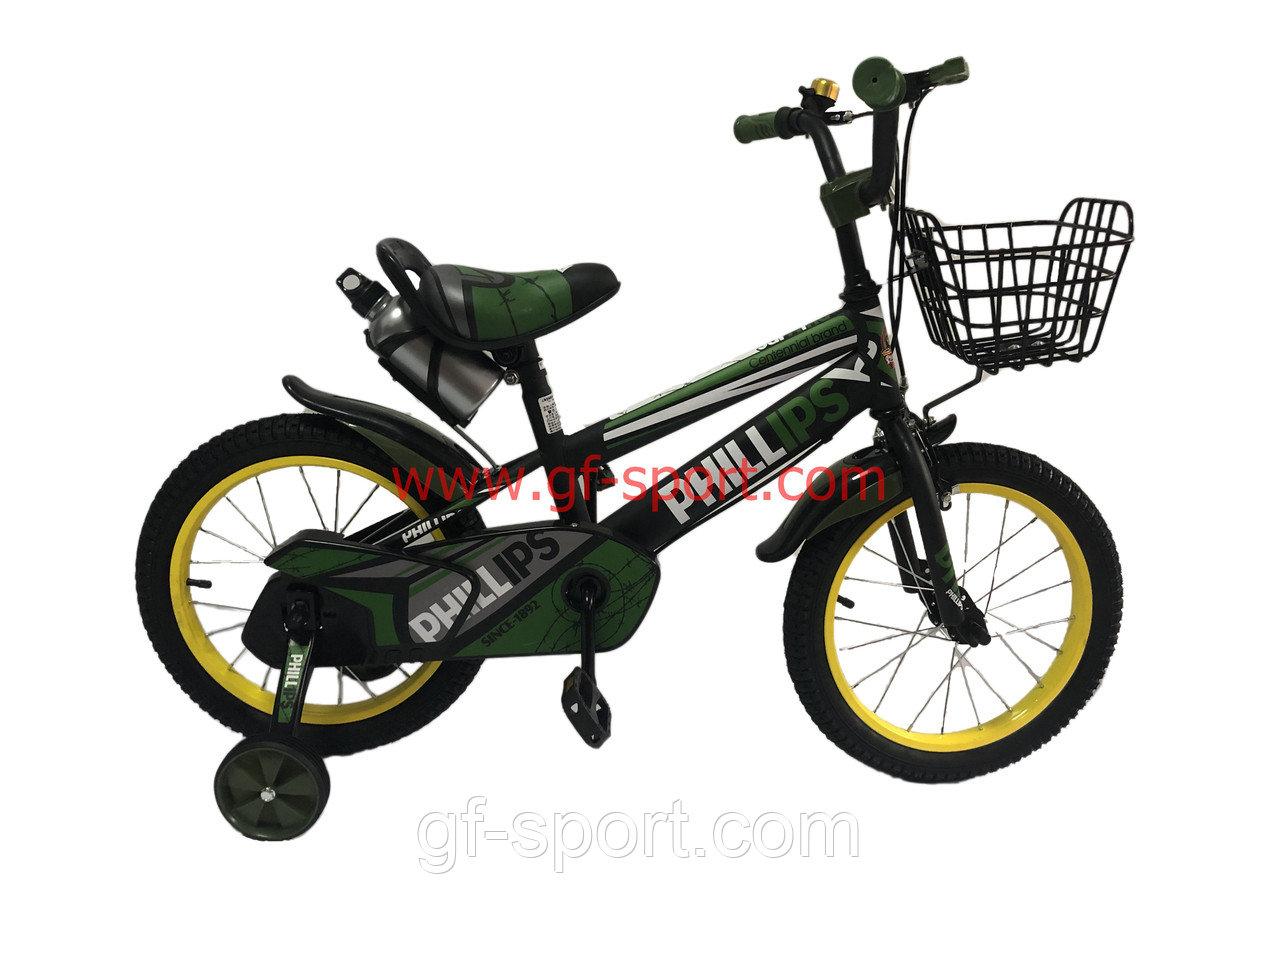 Велосипед Phillips зеленый оригинал детский с холостым ходом 16 размер